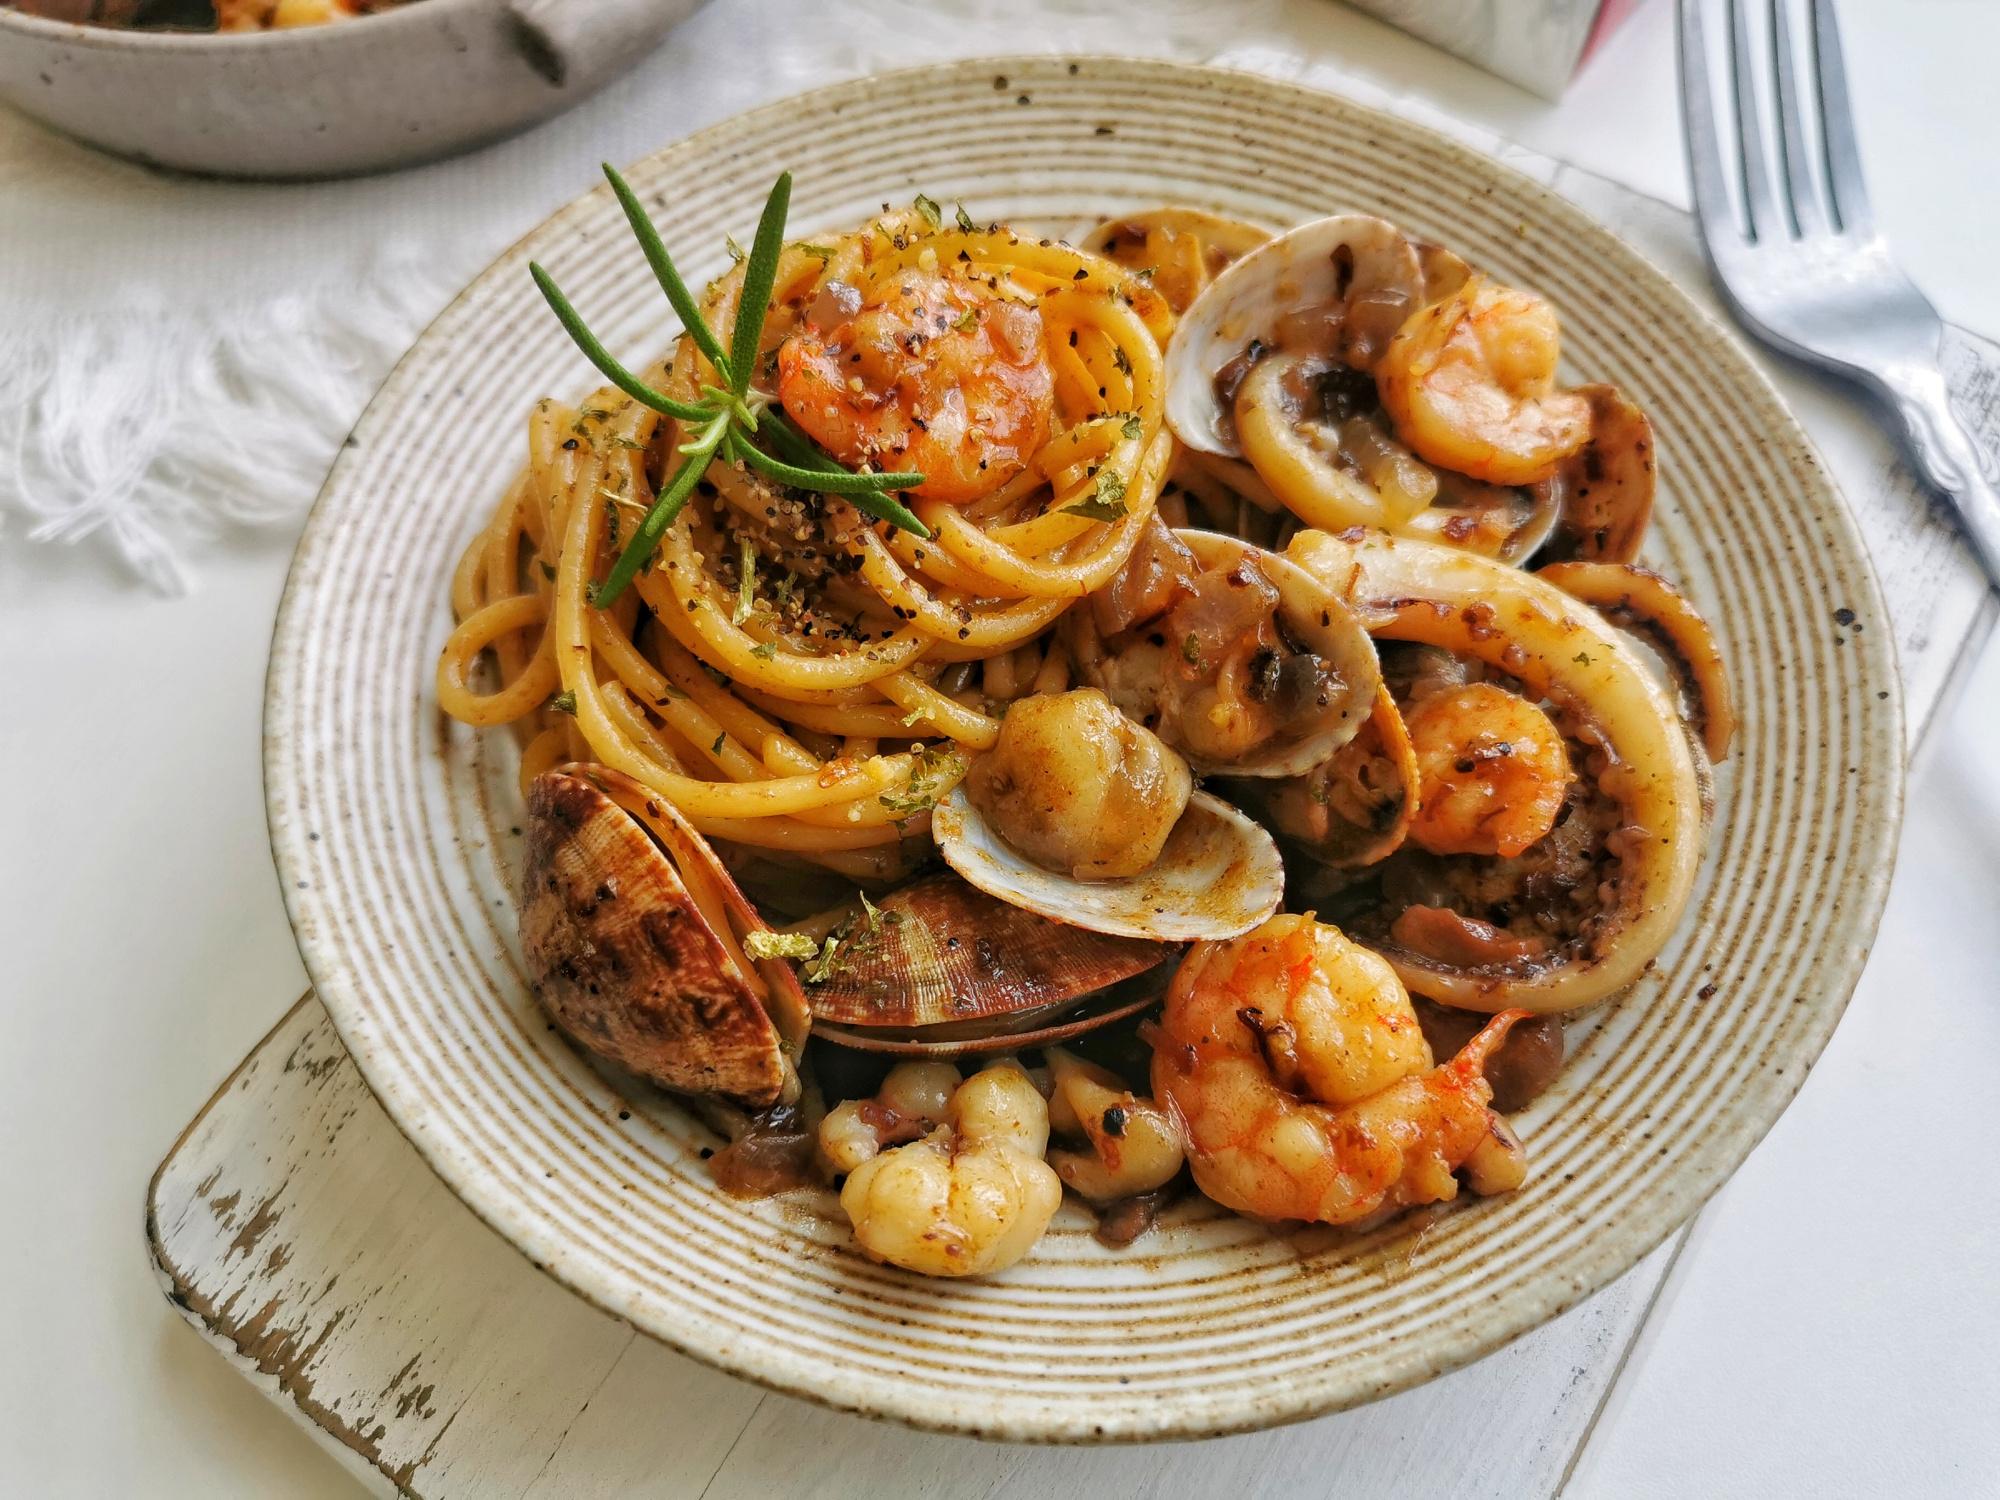 想吃意面别去西餐厅了,在家几步就搞定,美味实惠,太省钱了